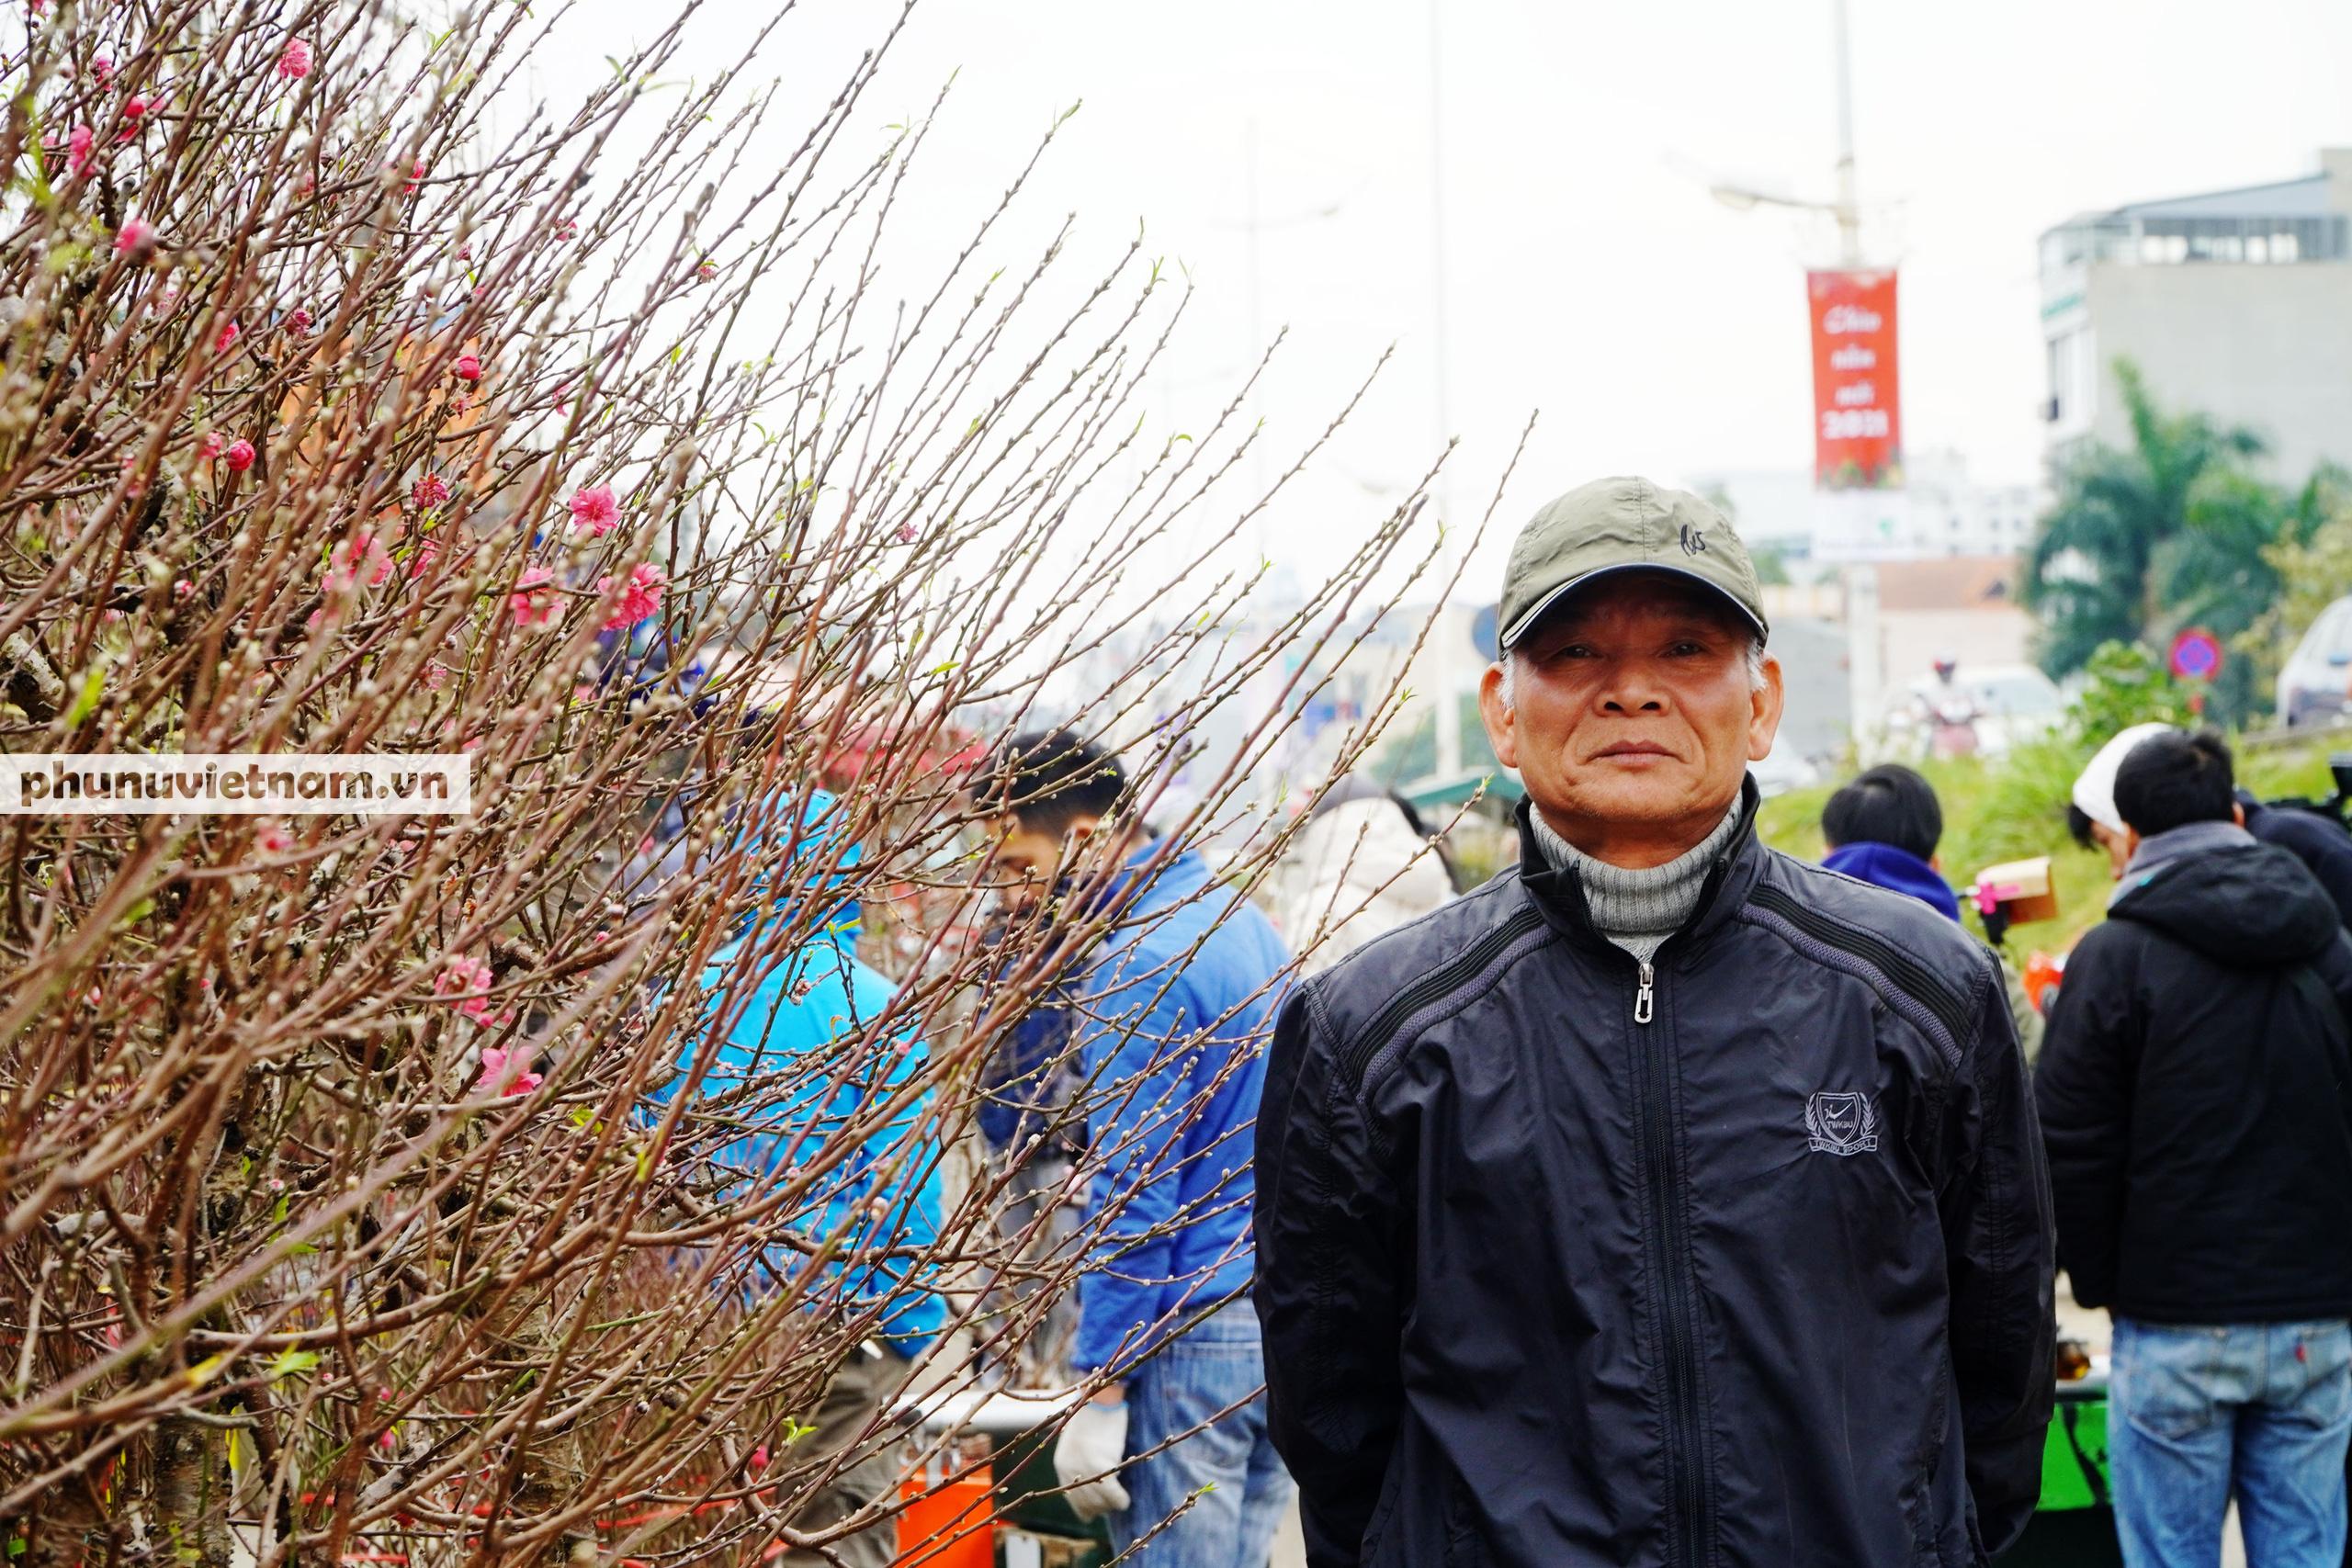 Đào Nhật Tân nở sớm hơn mọi năm, người trồng cầu mong giá rét kéo dài - Ảnh 3.